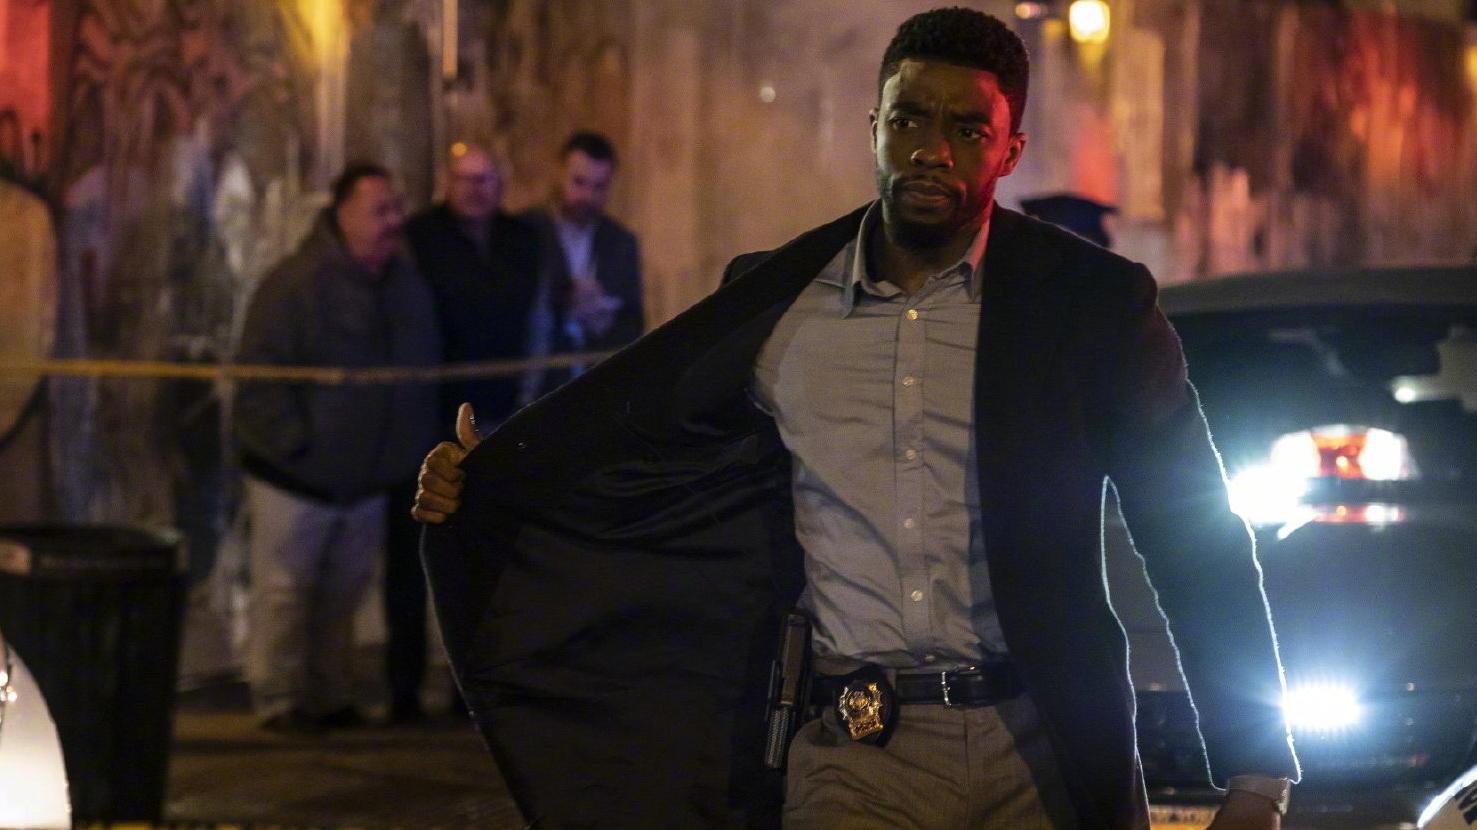 #电影最前线#《21座桥》黑豹变警官,誓言将所有杀警凶手绳之以法